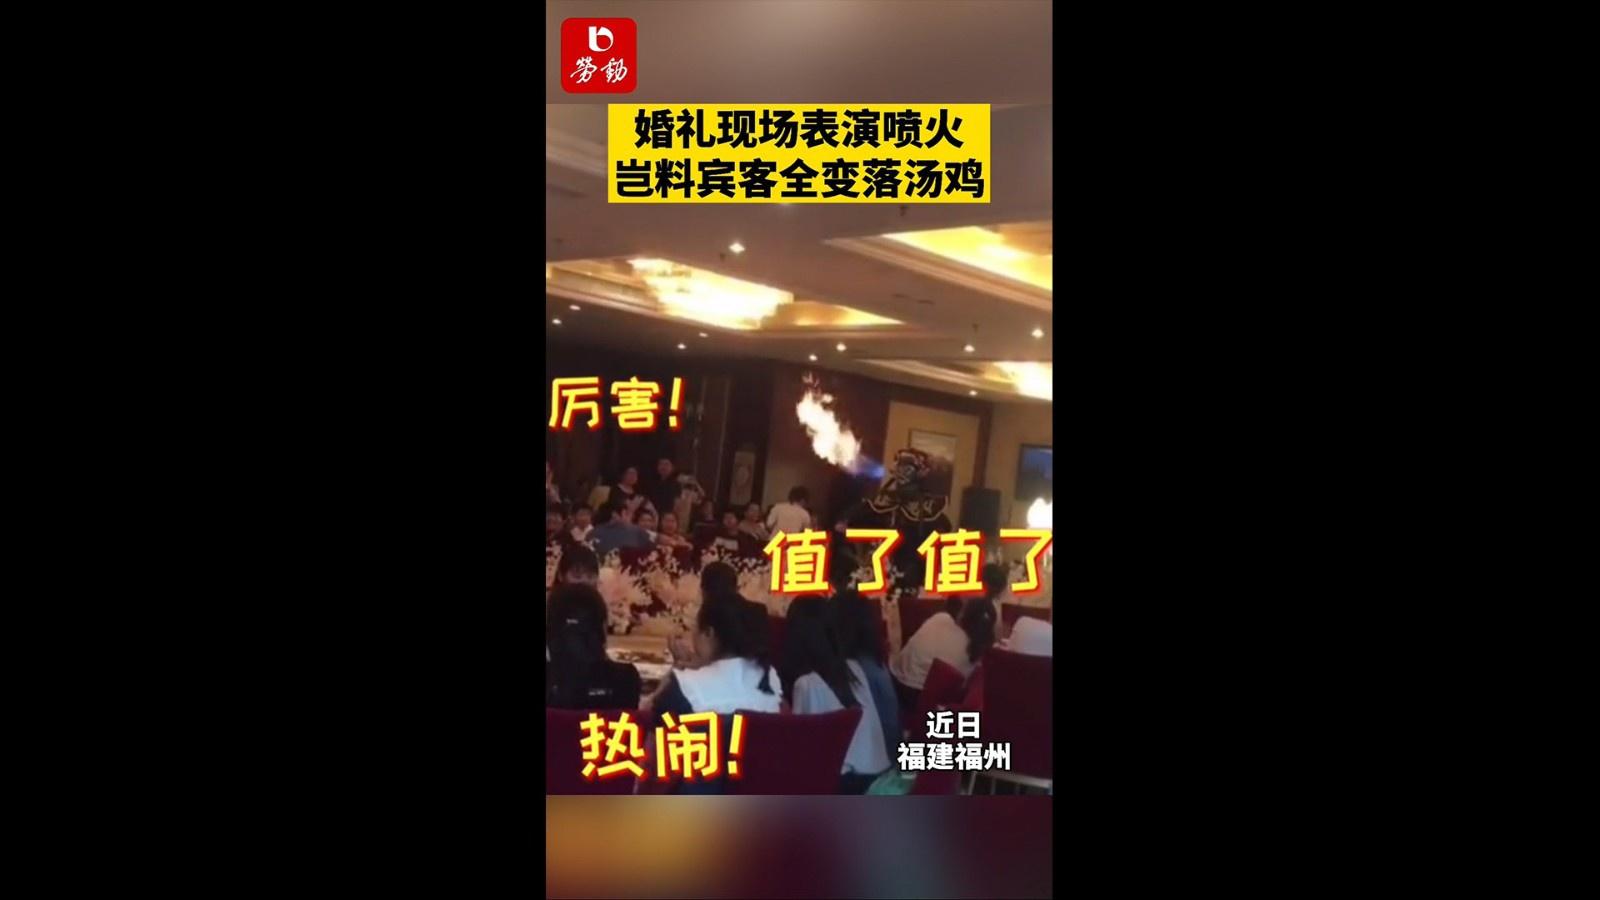 婚礼表演变脸喷火,岂料触发消防喷头,宾客全变落汤鸡